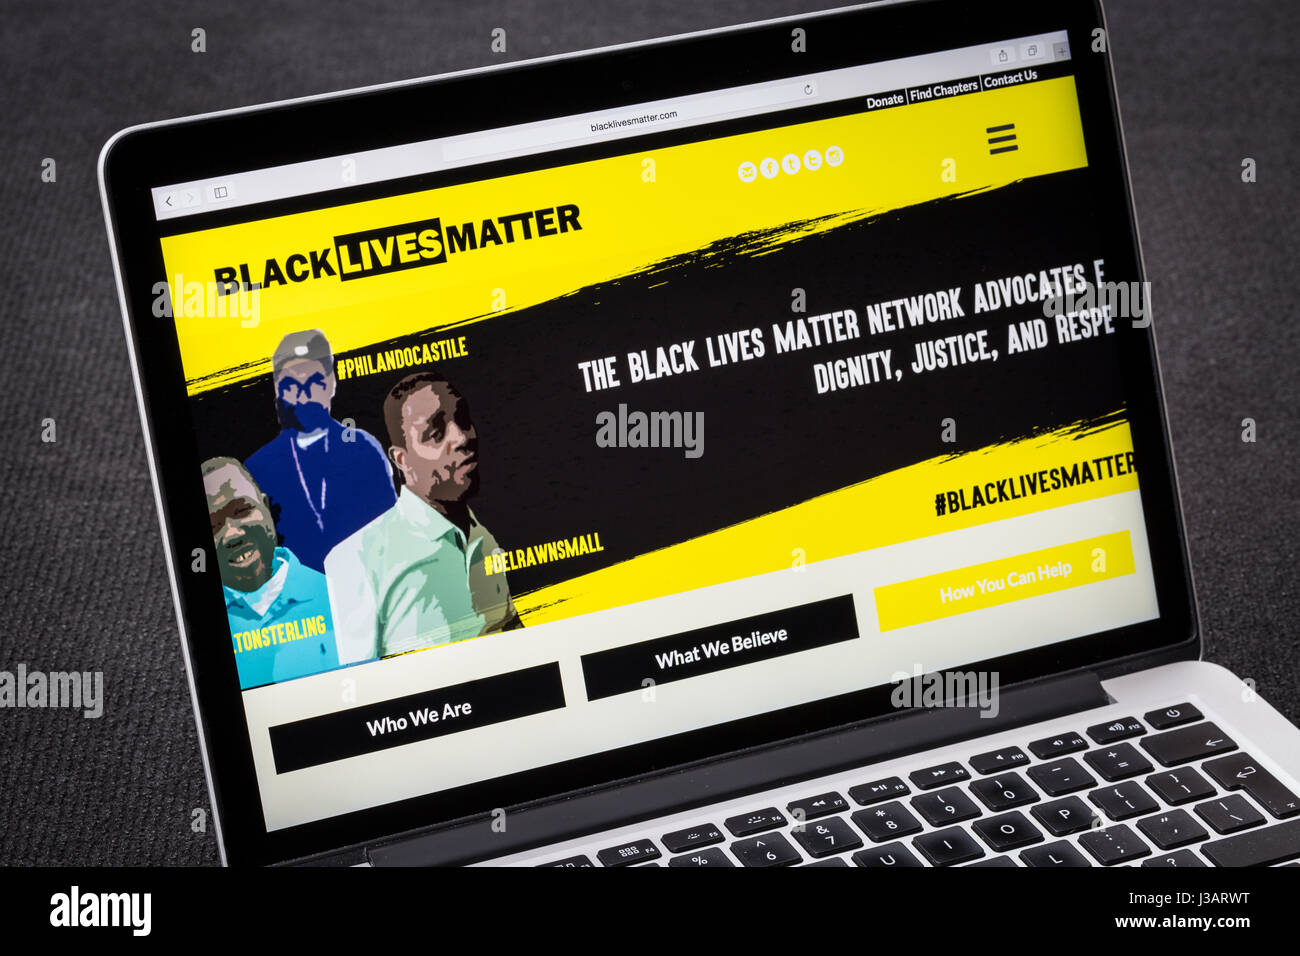 Black Lives Matter website - Stock Image